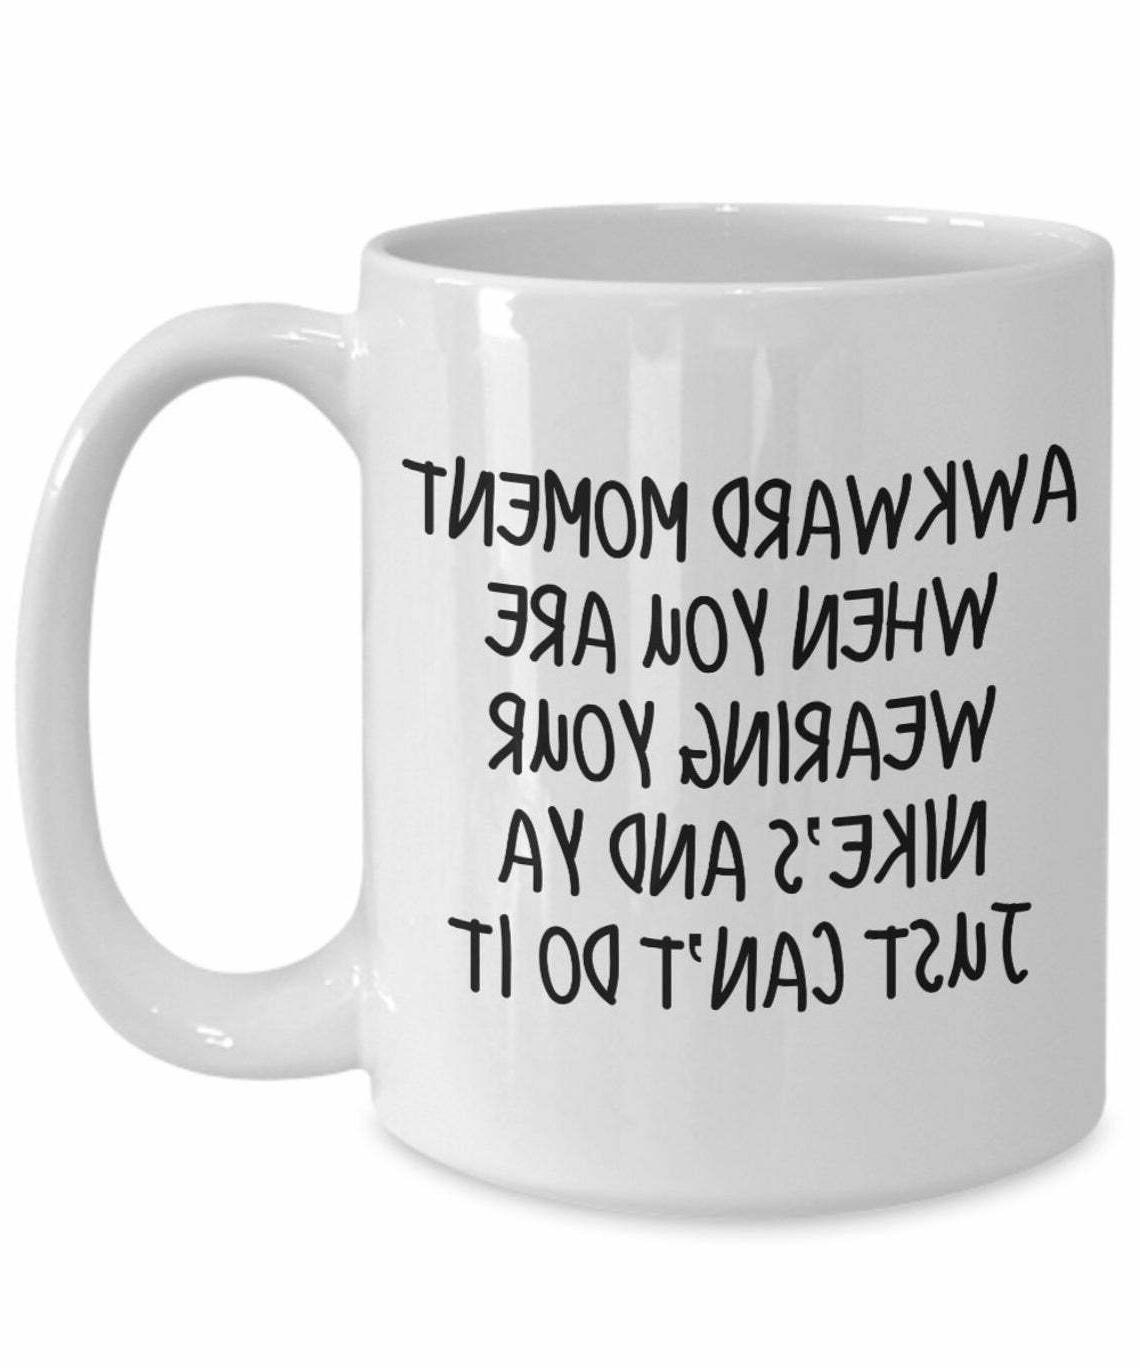 Awkward Moment Mug Nike Lover Funny Quote Mug Coffee Mug For